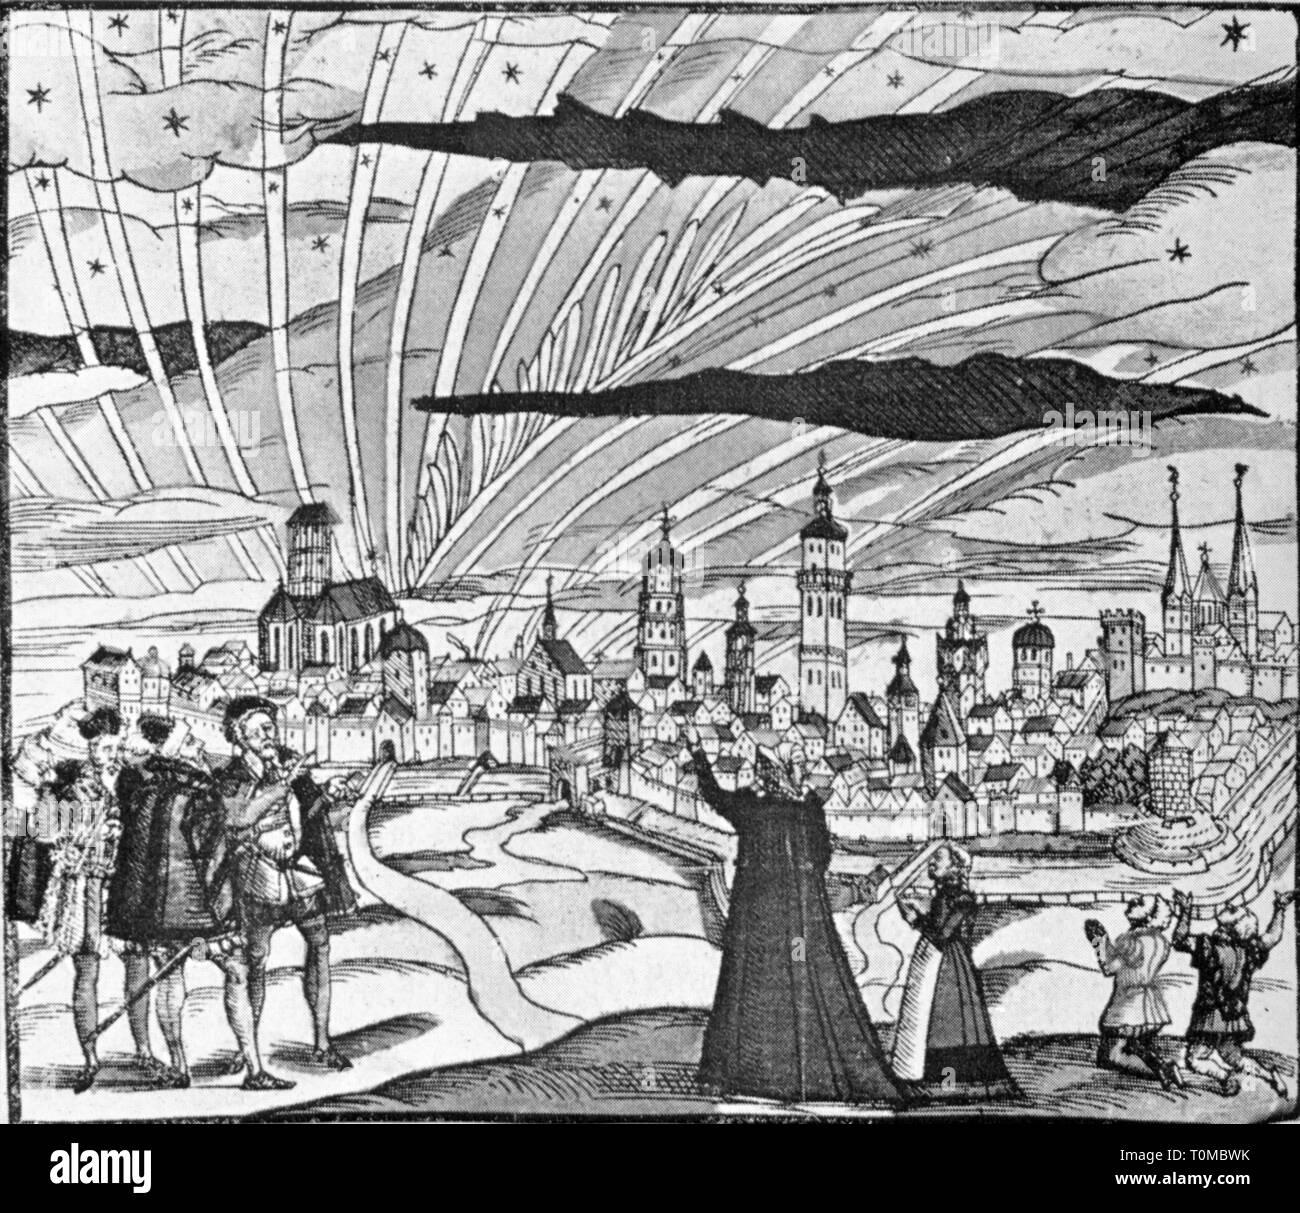 Astronomia, fenomeno luminoso al di sopra della città imperiale di Augsburg, 10.9.1580, Additional-Rights-Clearance-Info-Not-Available Immagini Stock